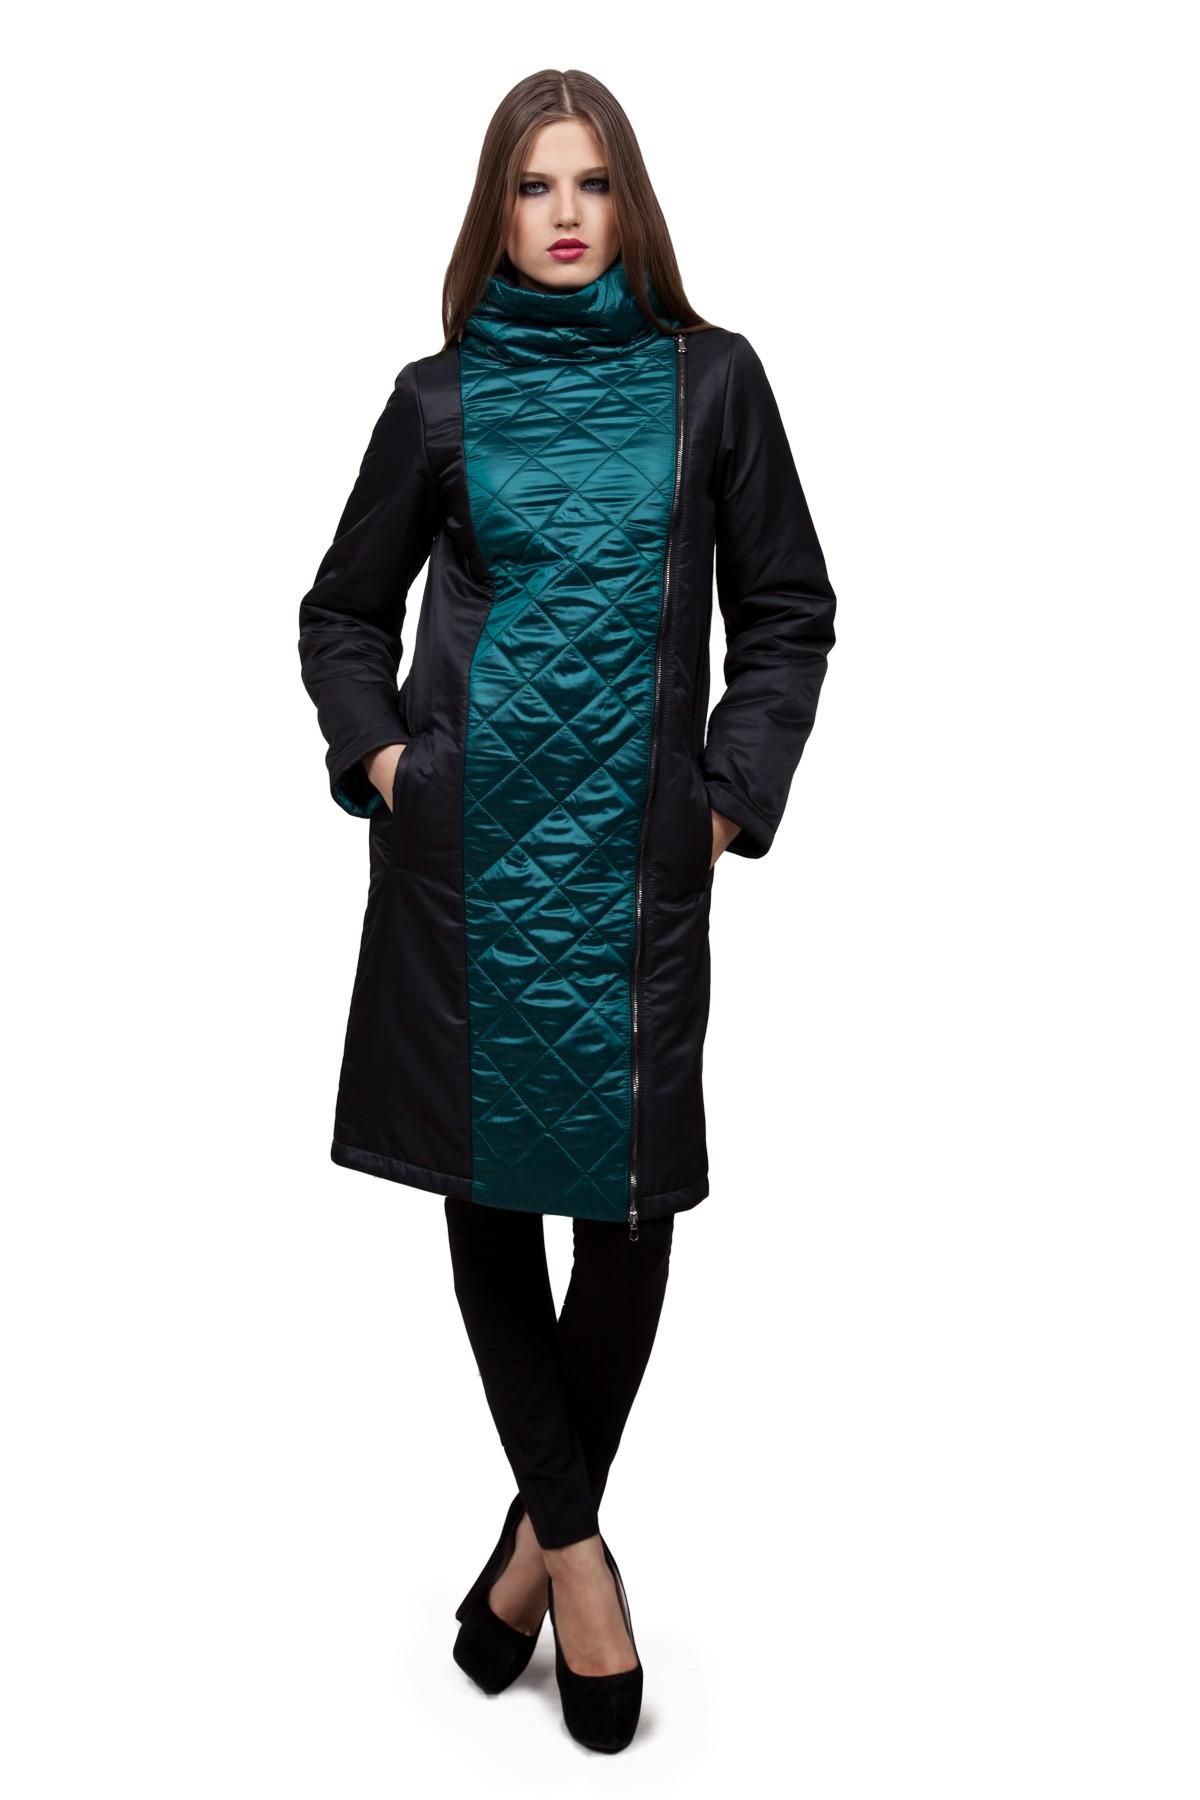 ПальтоЖенские куртки, плащи, пальто<br>В холодный осенний день очень важно ощущение тепла и комфорта. Это тепло может подарить Вам это очаровательное утепленное полупальто. Модель приталенного покроя прекрасно сидит по фигуре. Оригинальность пальто заключается в комбинированном дизайне. Такая<br><br>Цвет: черный, зеленый<br>Состав: ткань1 - 100%полиэстер, ткань2 - 100%полиэстер, подкладка - 100%полиэстер, утеплитель - 100%полиэстер<br>Размер: 42,48,50,52,54,56,58,60<br>Страна дизайна: Россия<br>Страна производства: Россия